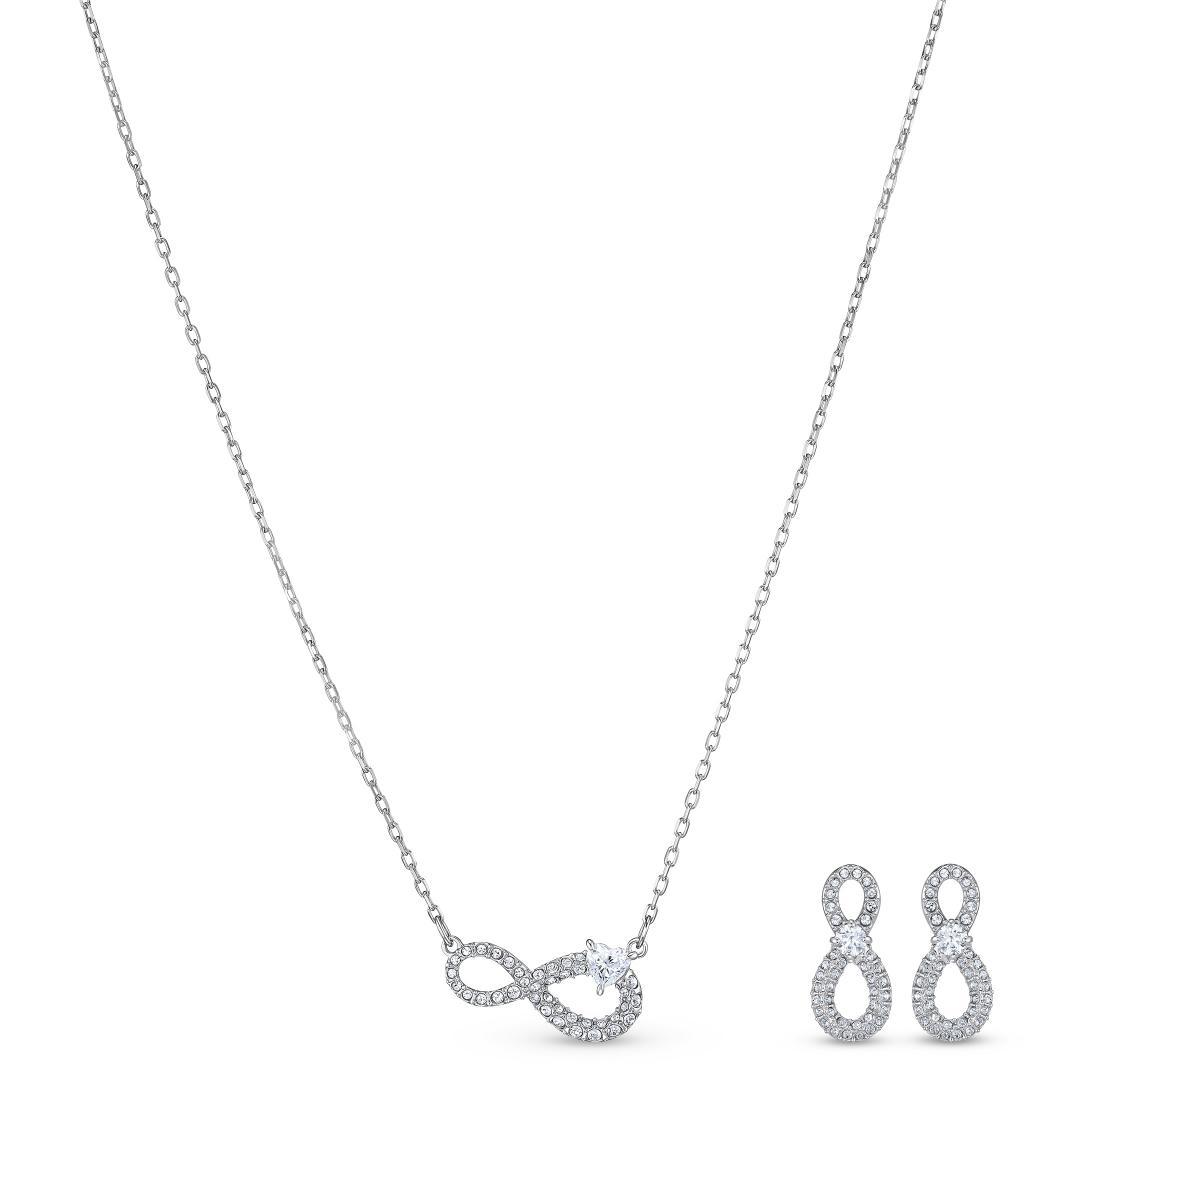 SET Swarovski 5540702 - Set collier et boucles d'oreilles métal argenté  infini strass